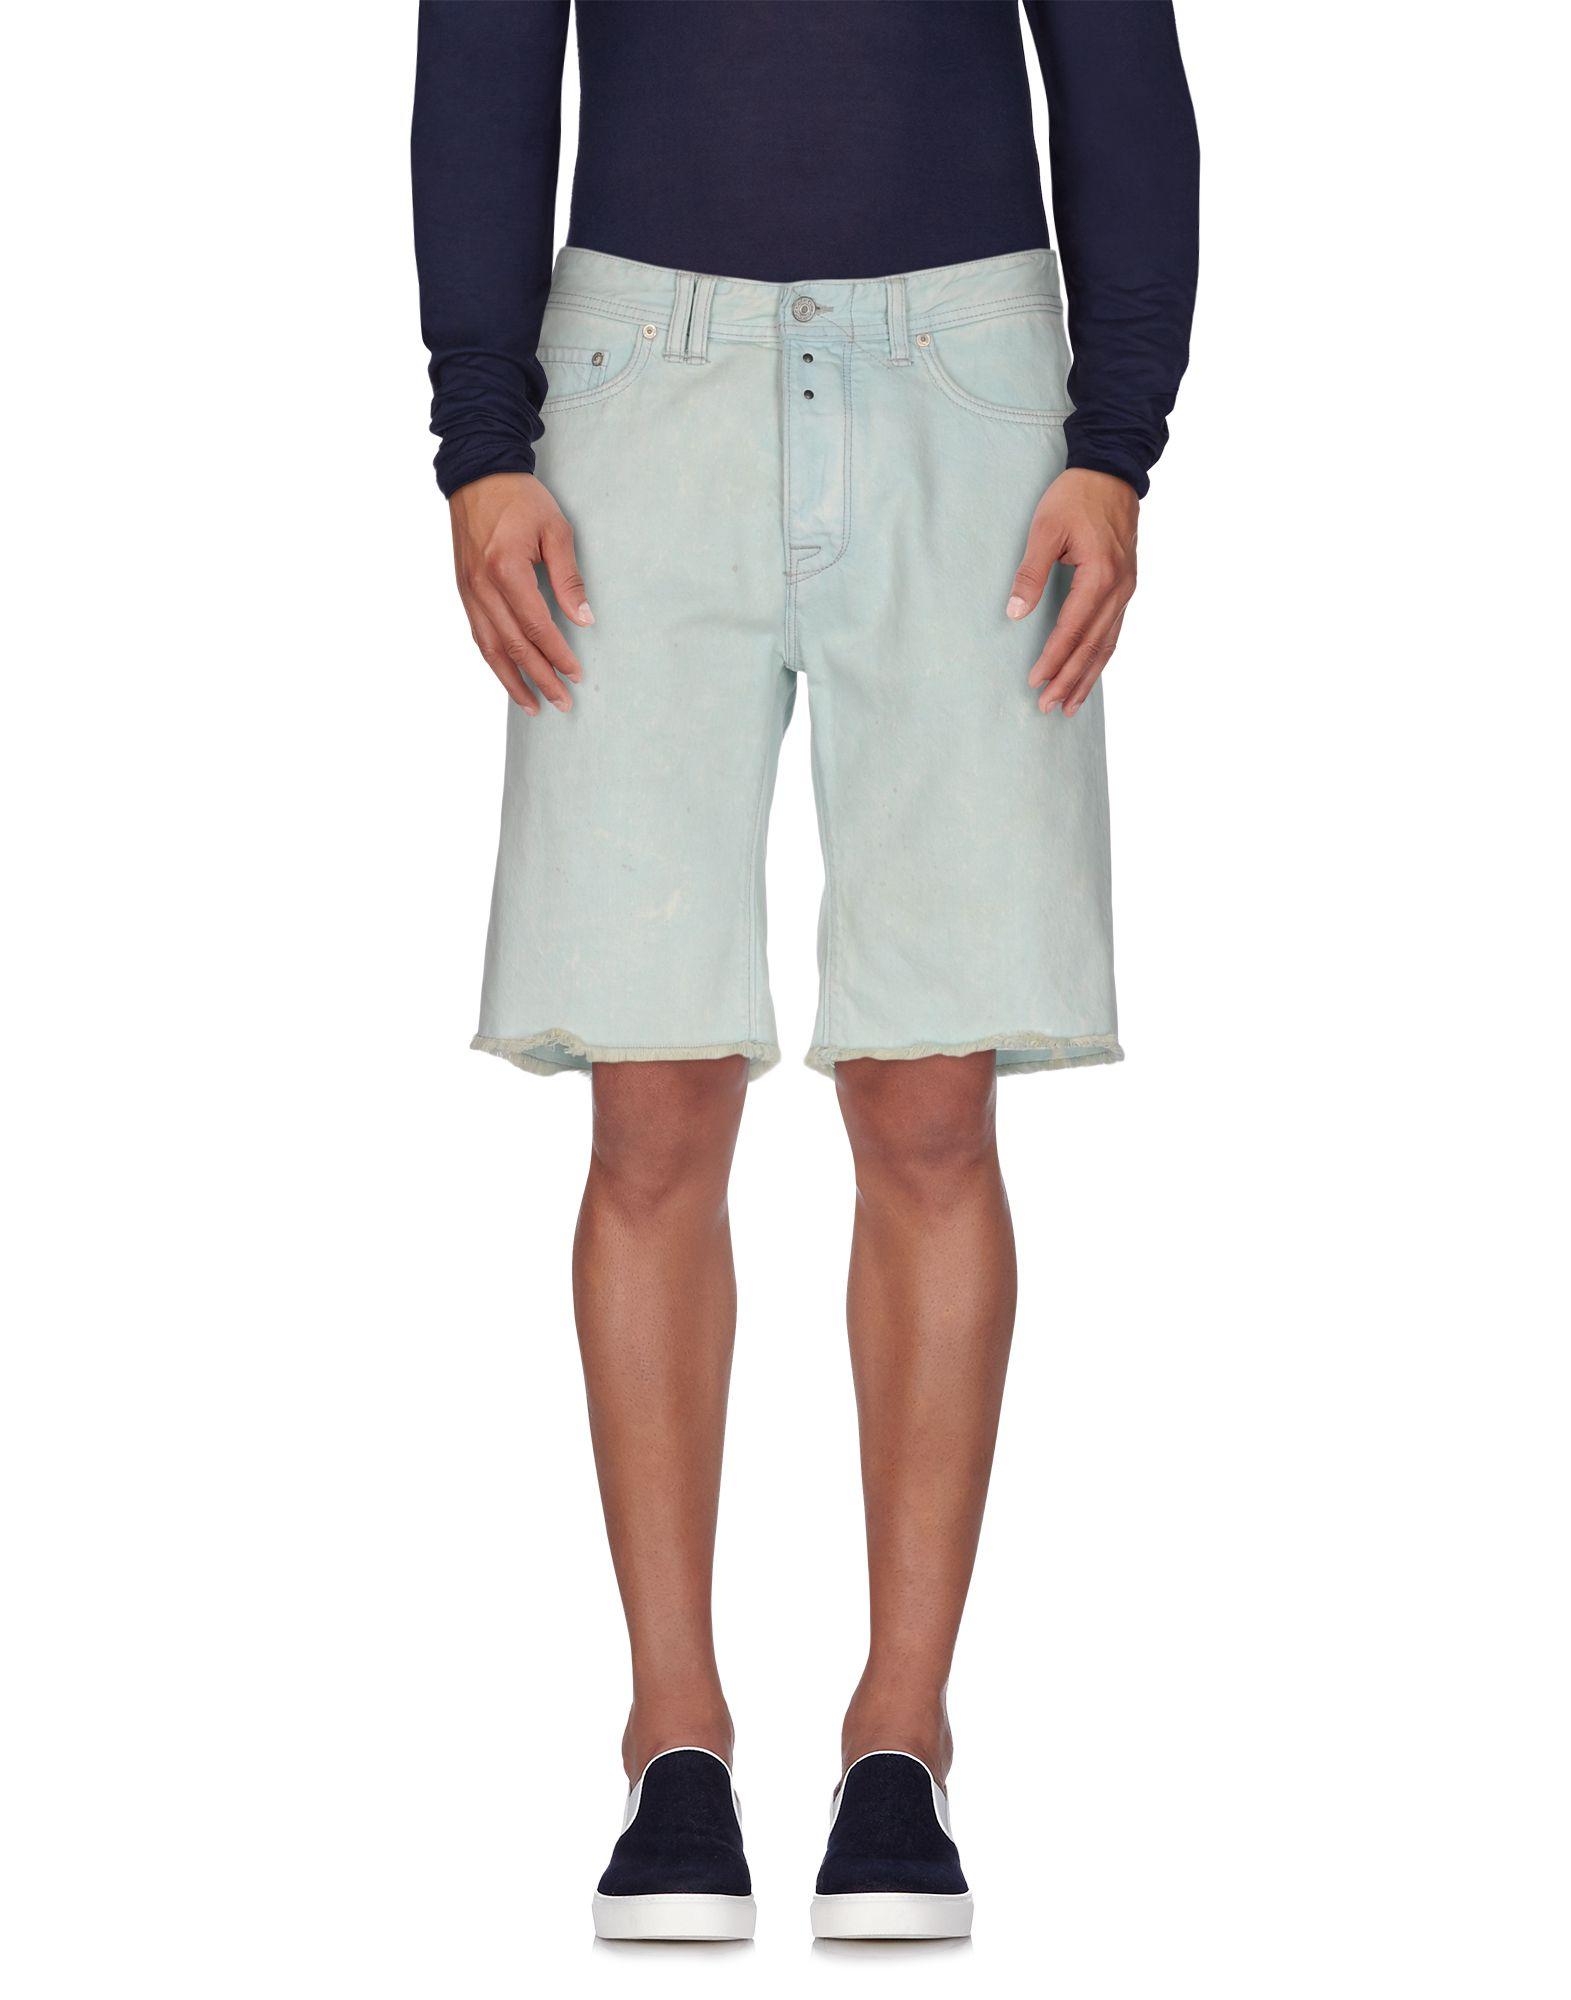 ФОТО cycle джинсовые бермуды